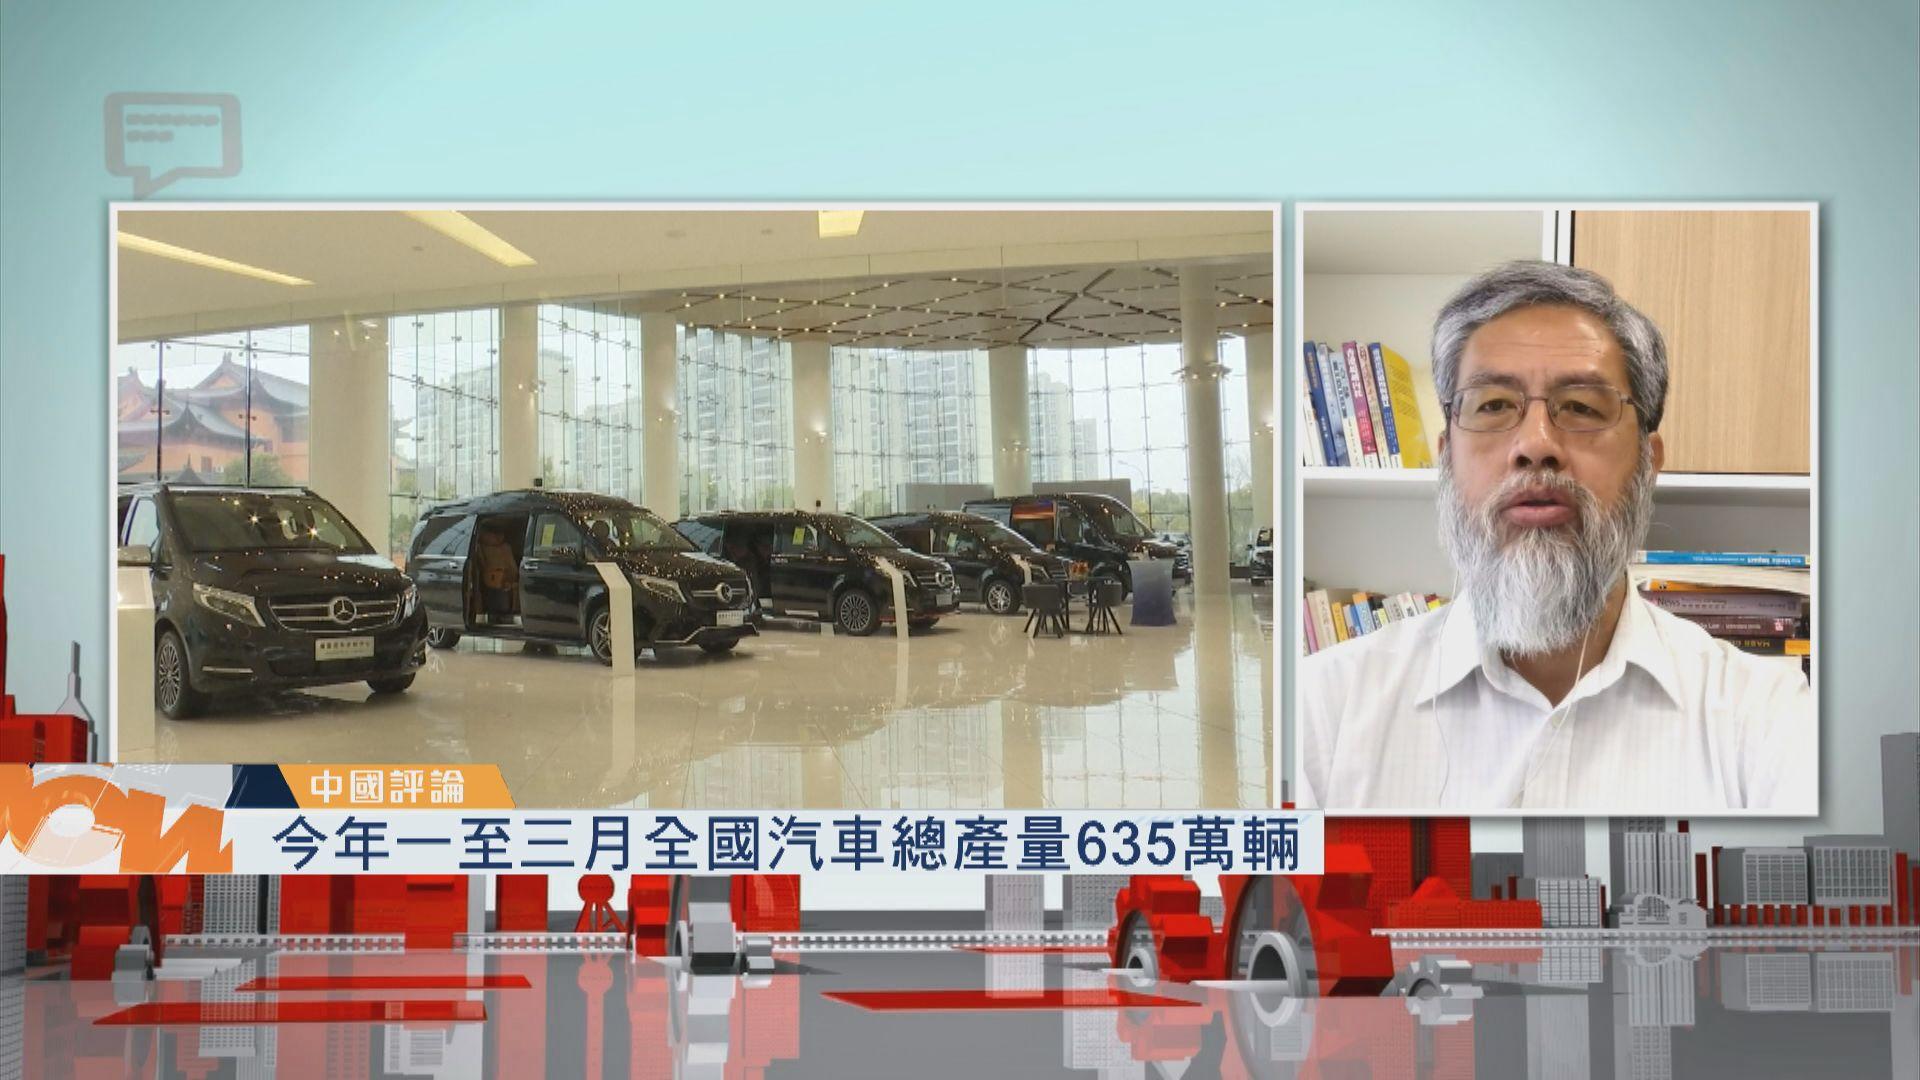 【中國評論】首季度汽車產銷兩旺/防炒學區房